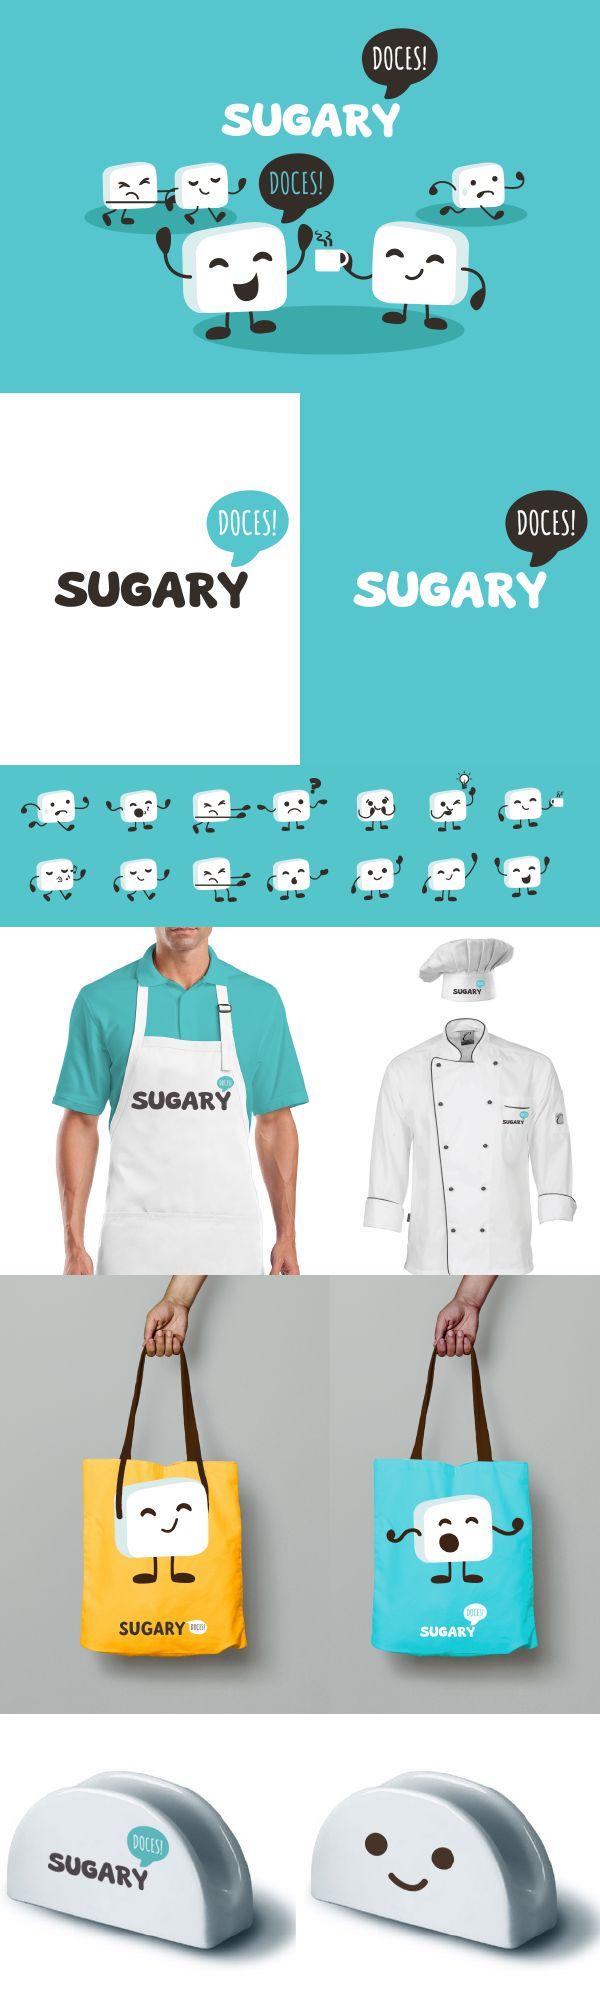 A Sugary busca oferecer gulodices frescas e com sabor de verdade. O desafio da Argo foi criar toda a identidade da marca, incluindo posicionamento, marca, papelaria, embalagens, site e até elementos da cenografia.  Através de um diagnóstico de mercado, a Argo apoiou a diferenciação da Sugary através do uso de um código de cores diferenciado e também da criação do mascote Sugarzinho.  #somosargo #branding #marca #design #cake #bolo #doces #sweet #mascote #mascot